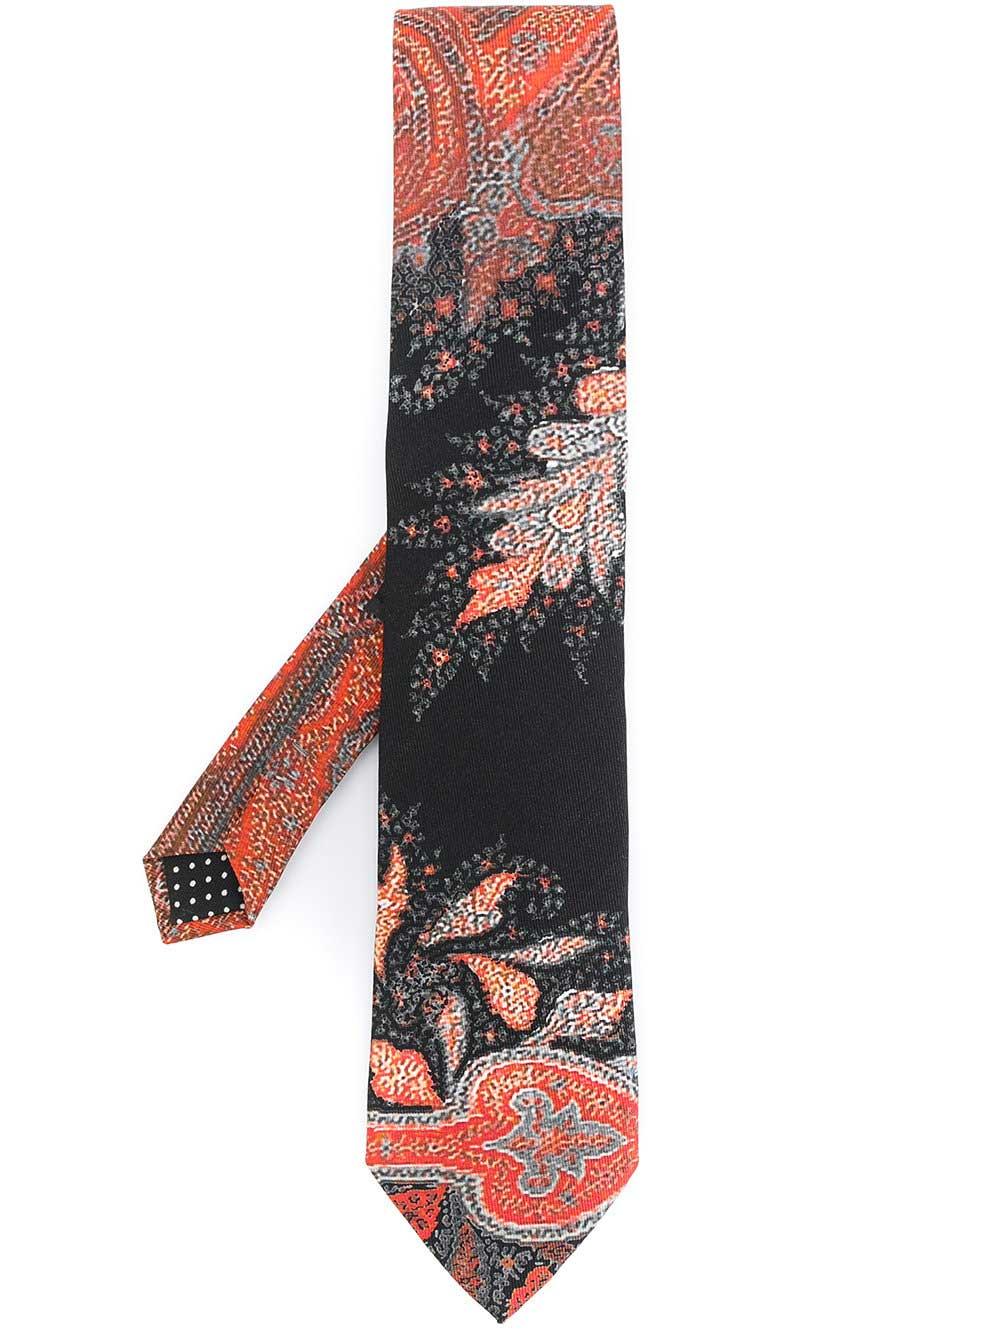 每日穿搭|《Romeo + Juliet》与印花领带